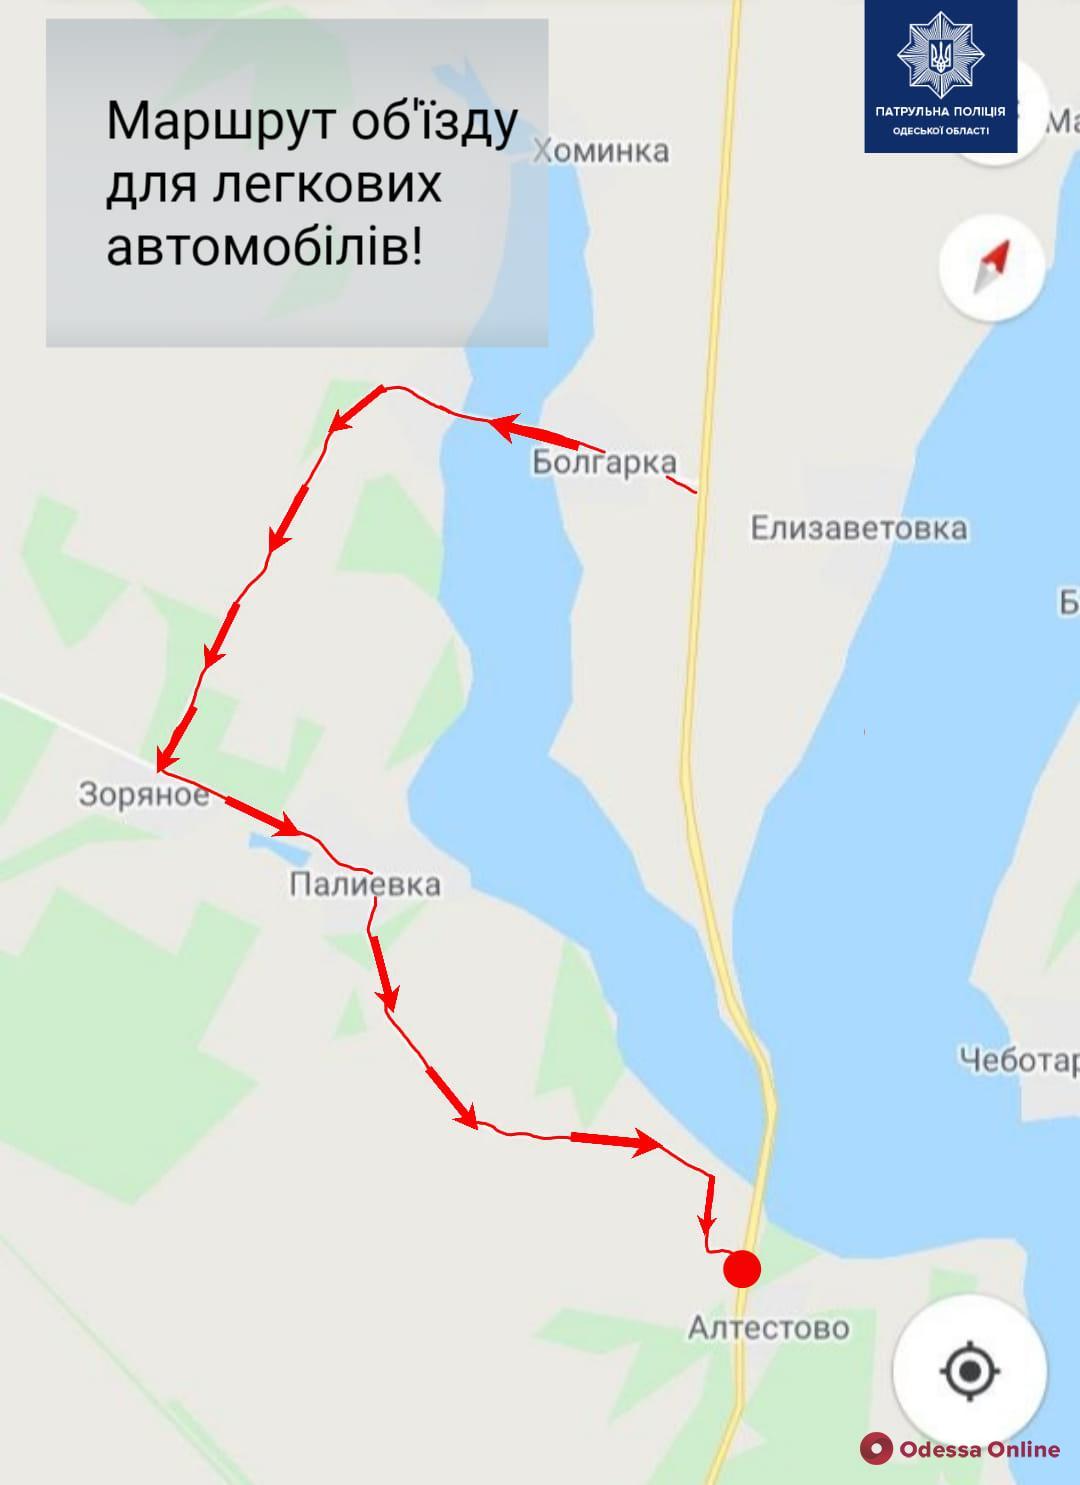 Праздничные выходные подходят к концу: на выезде из Одессы образовалась гигантская пробка (обновлено)